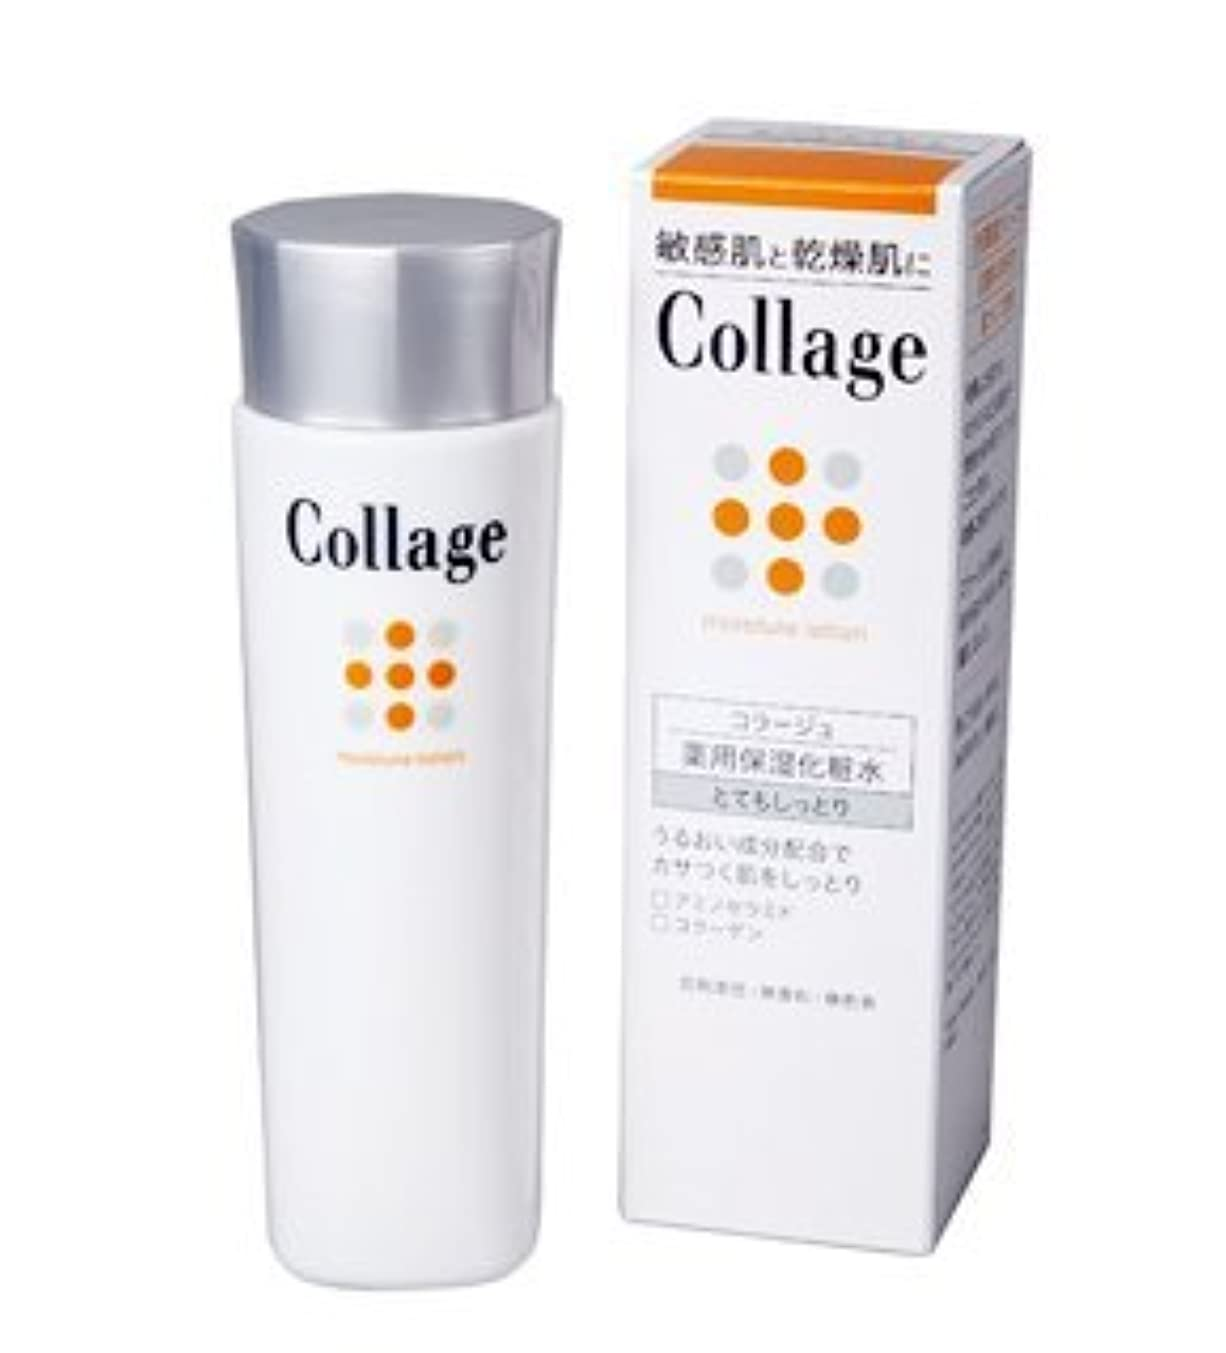 多年生蒸発訪問【持田ヘルスケア】 コラージュ薬用保湿化粧水 とてもしっとり 120ml (医薬部外品) ×4個セット